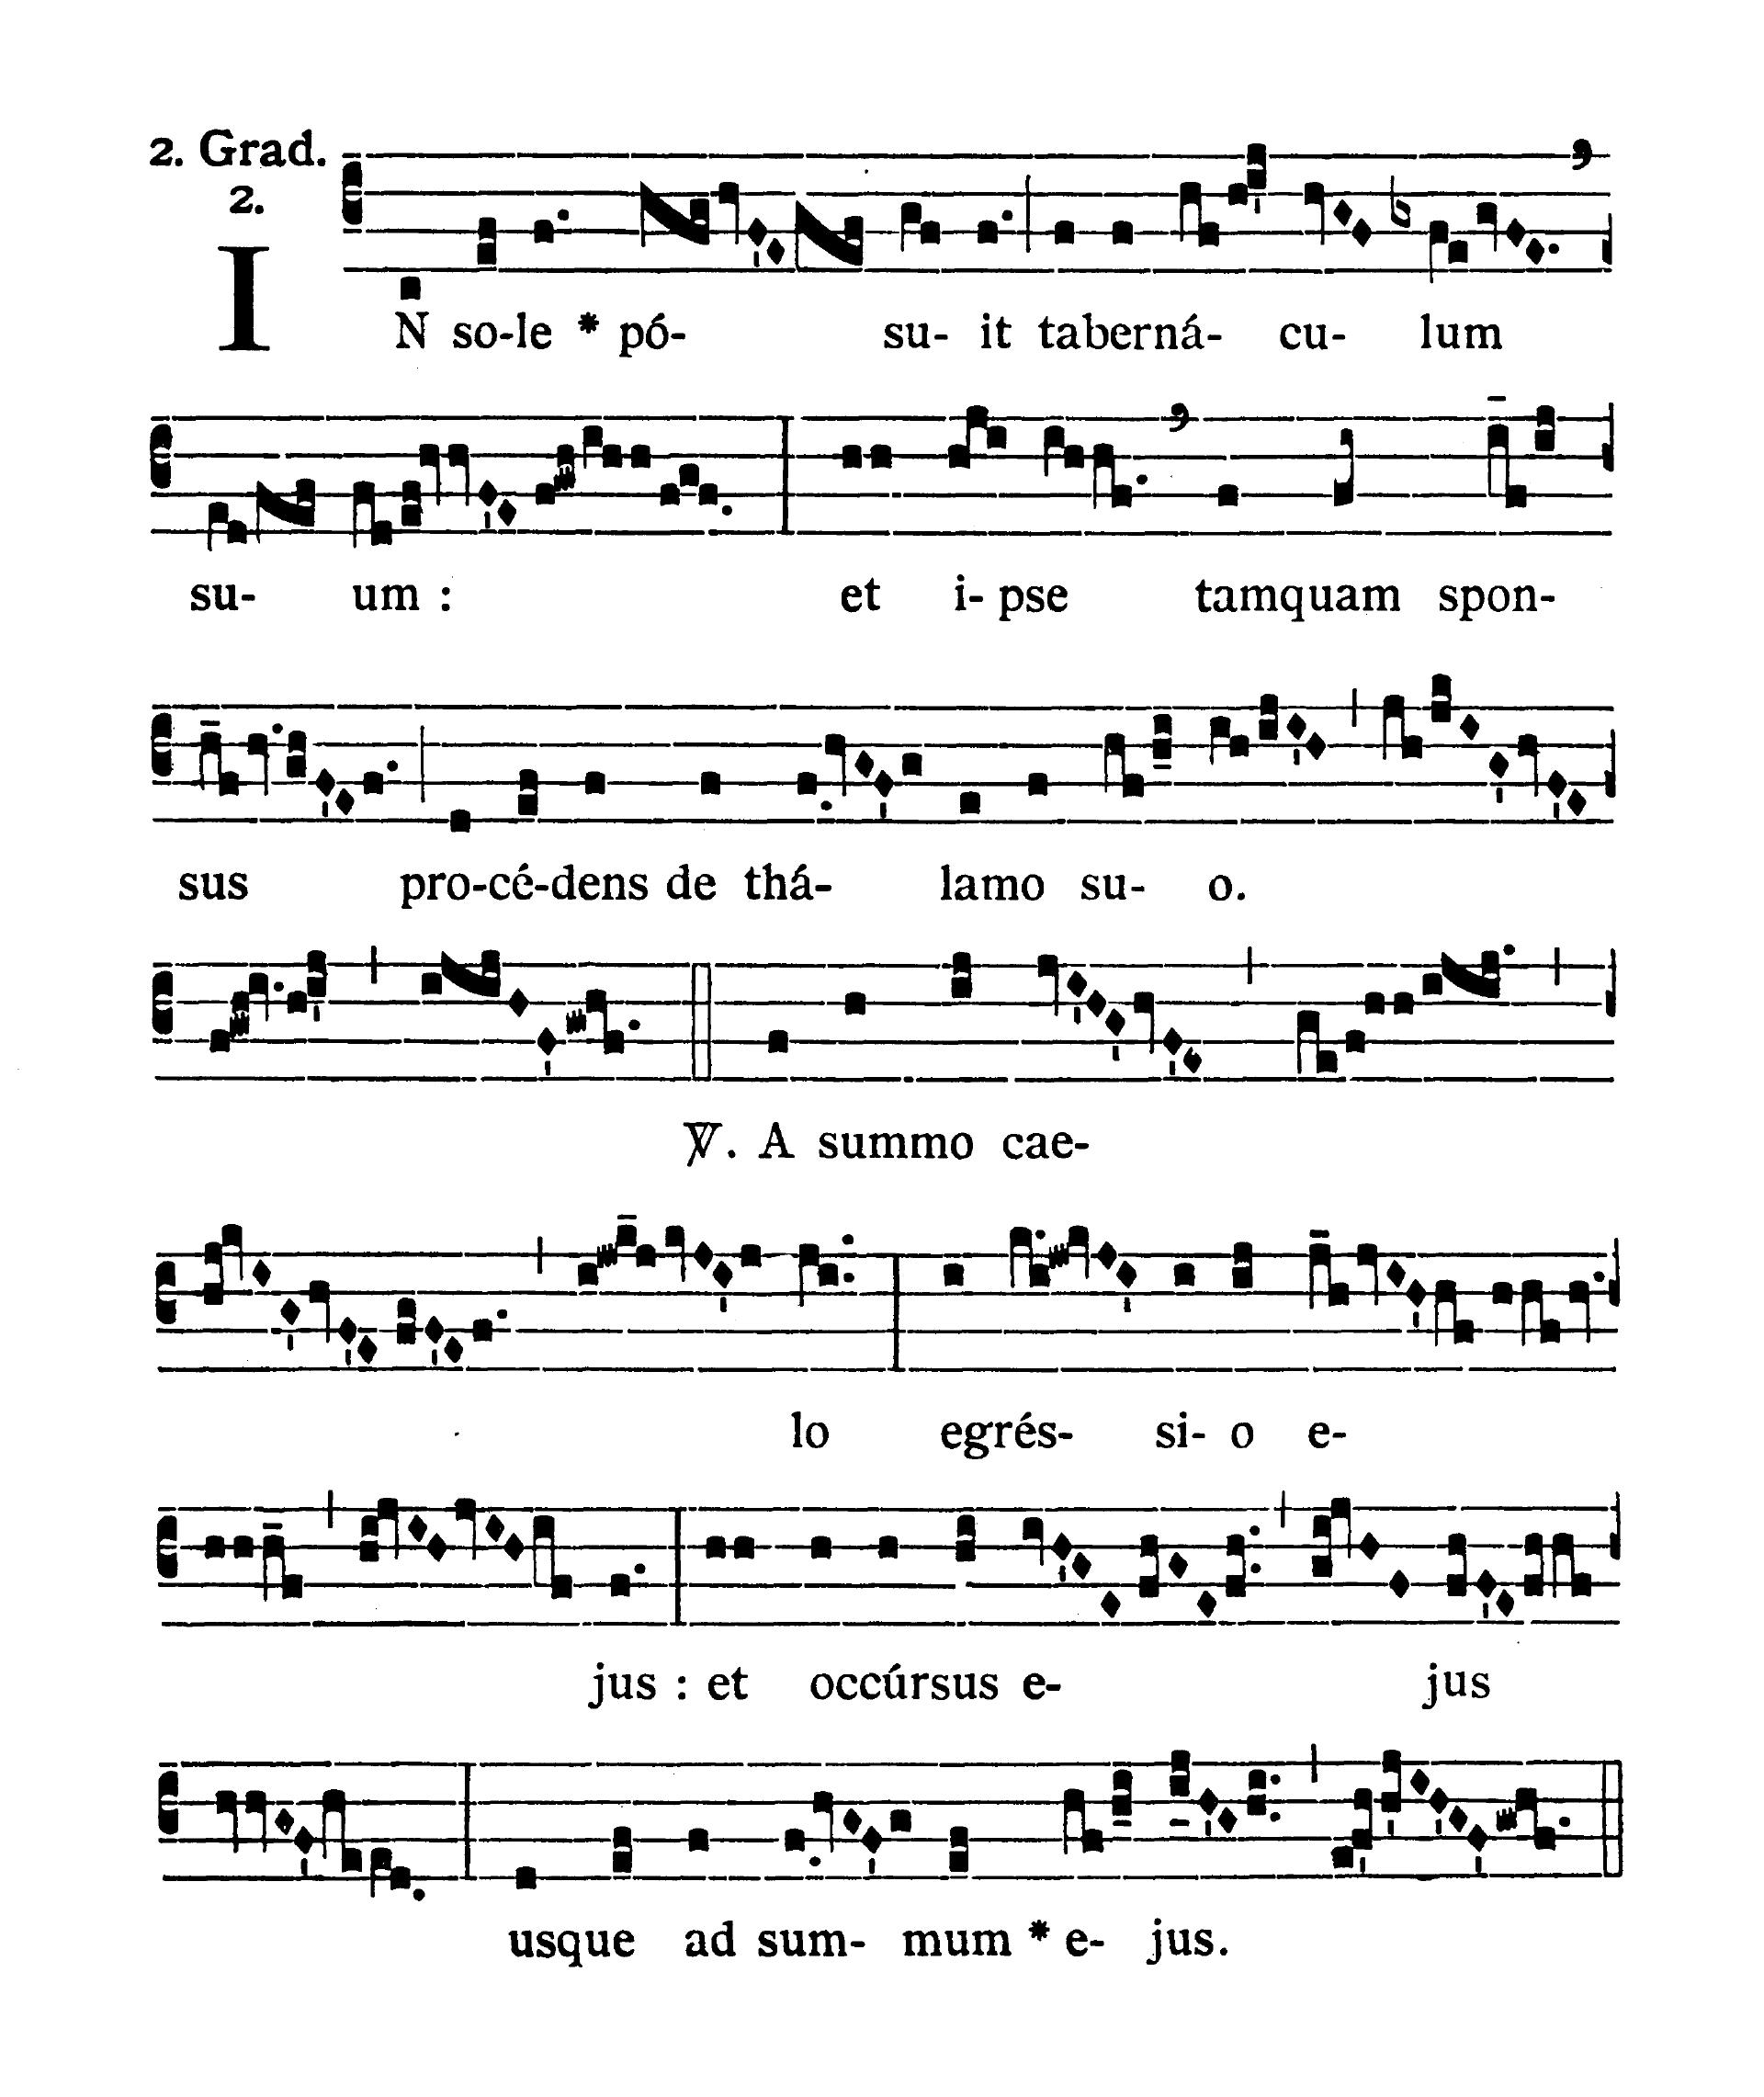 Sabbato Quatuor Temporum Adventus (Ember Saturday of Advent) - Graduale (In sole posuit)